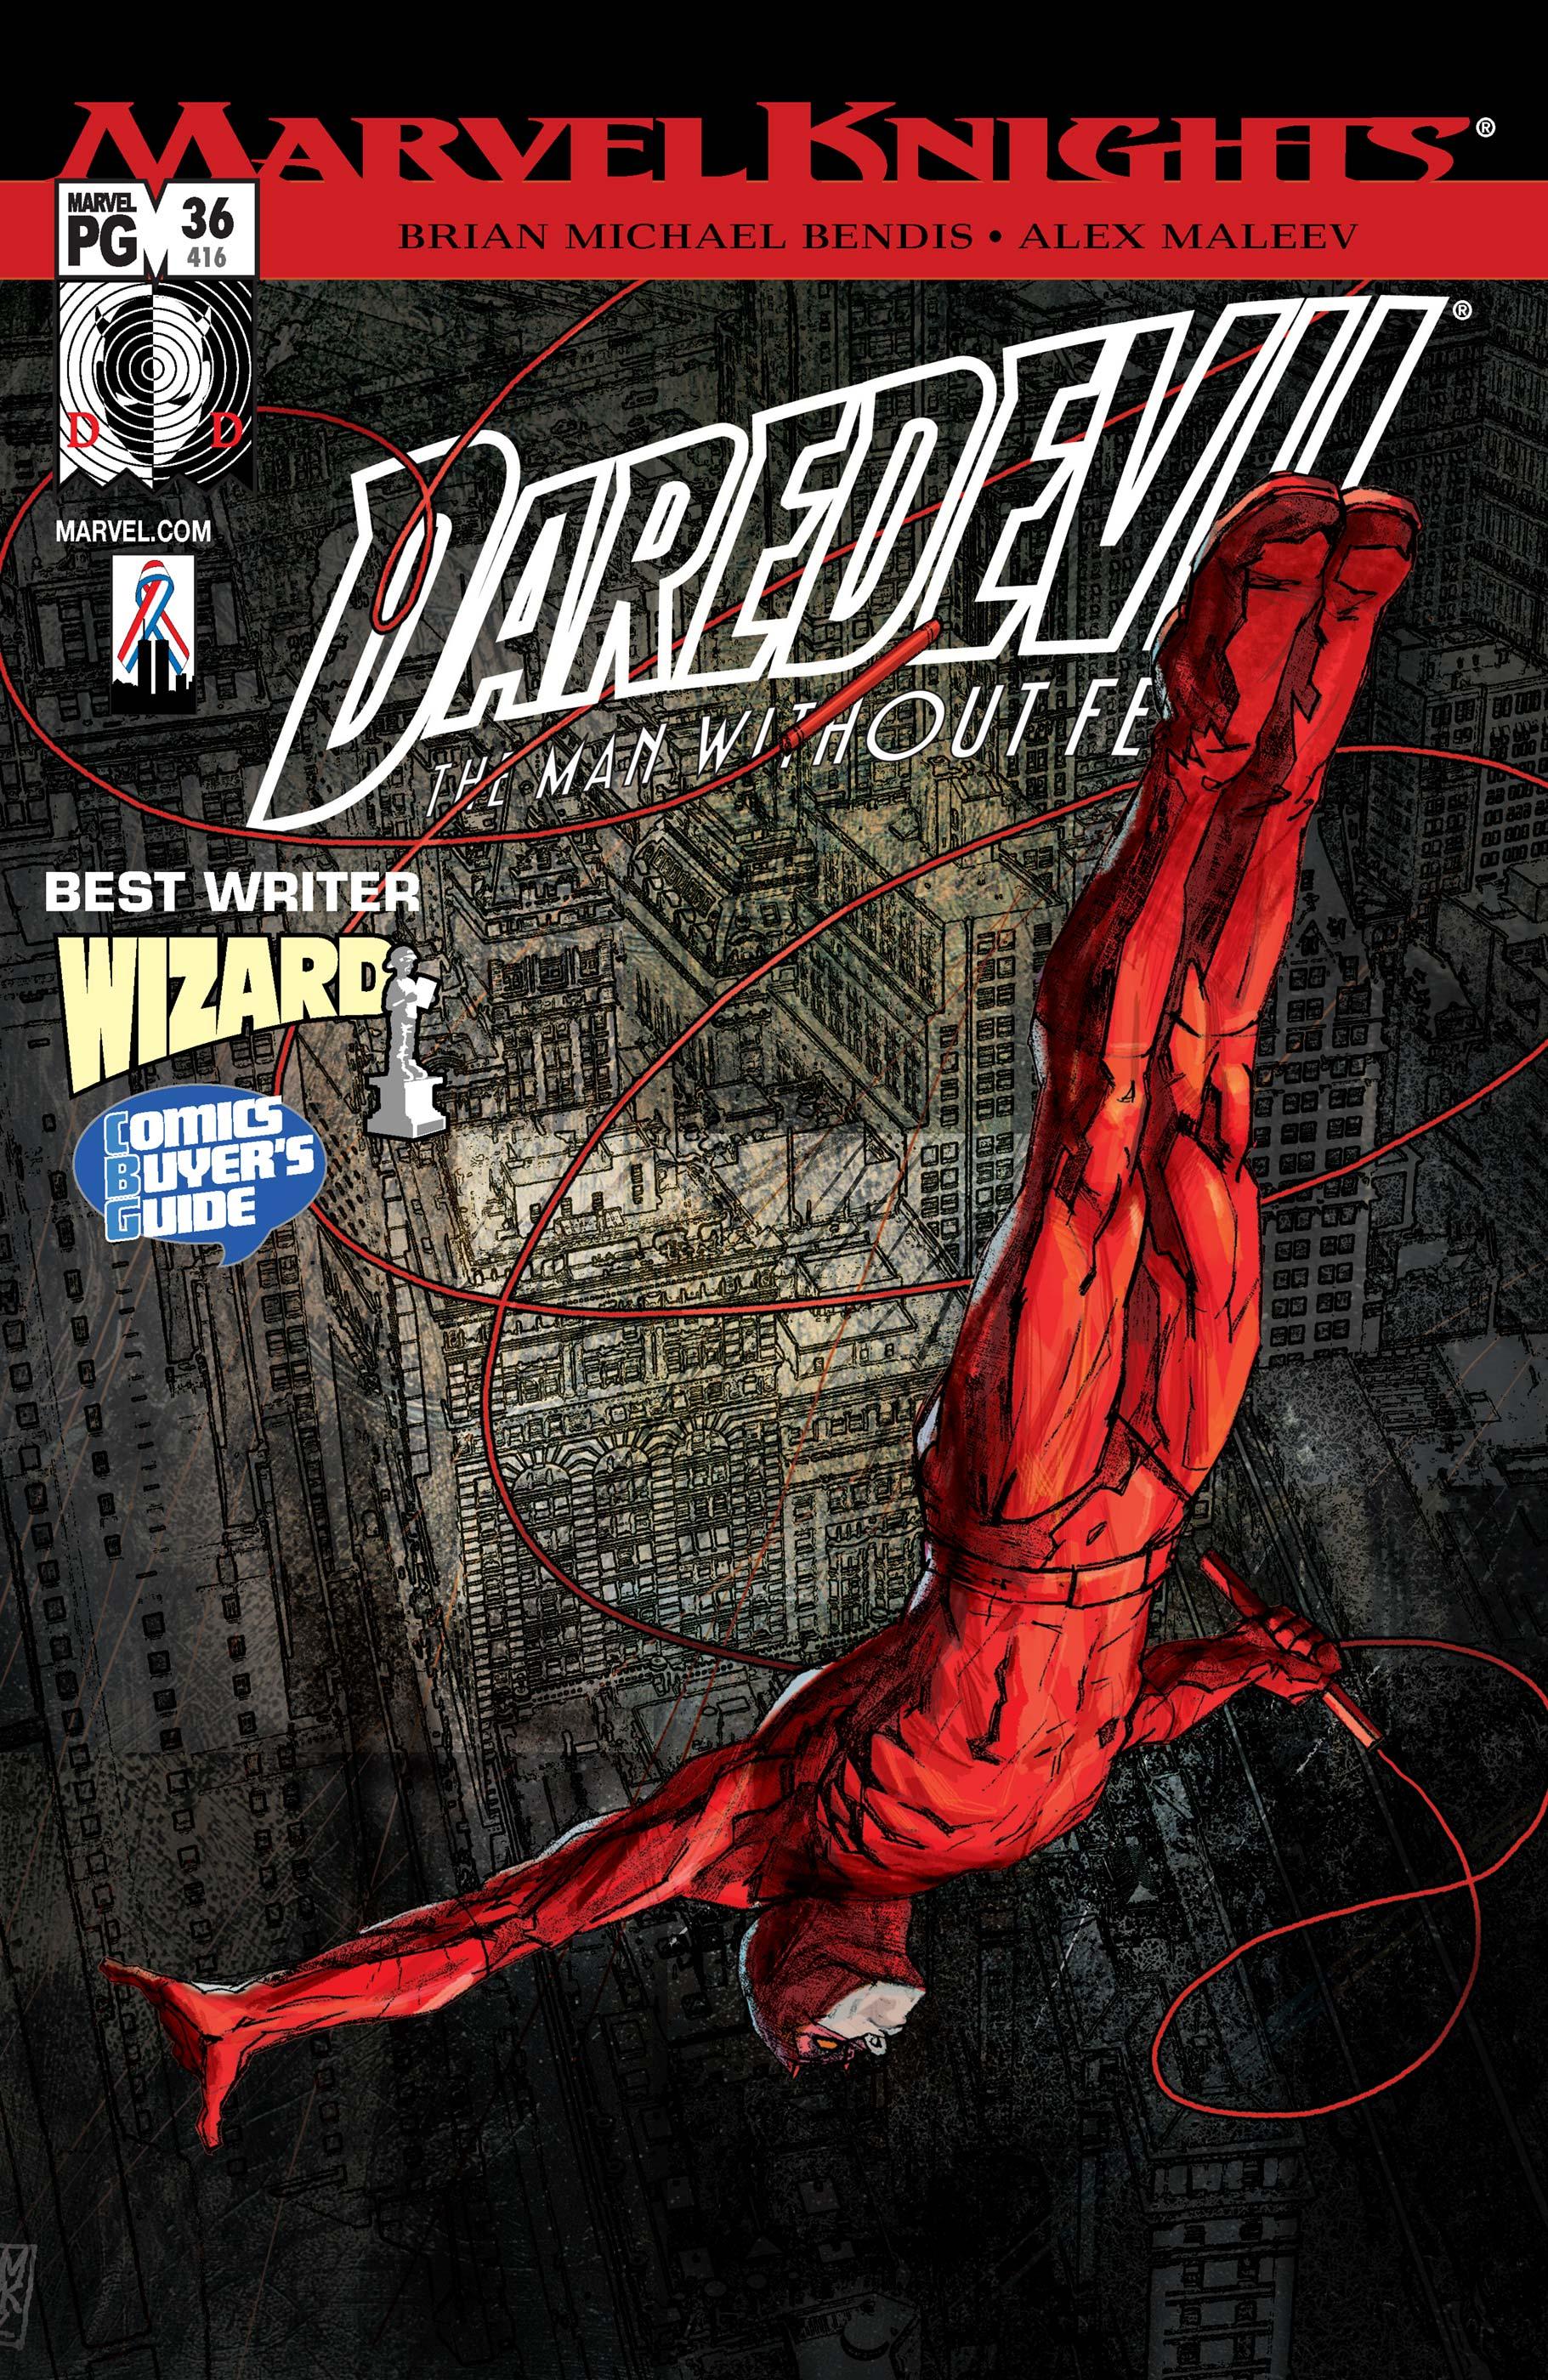 Daredevil (1998) #36